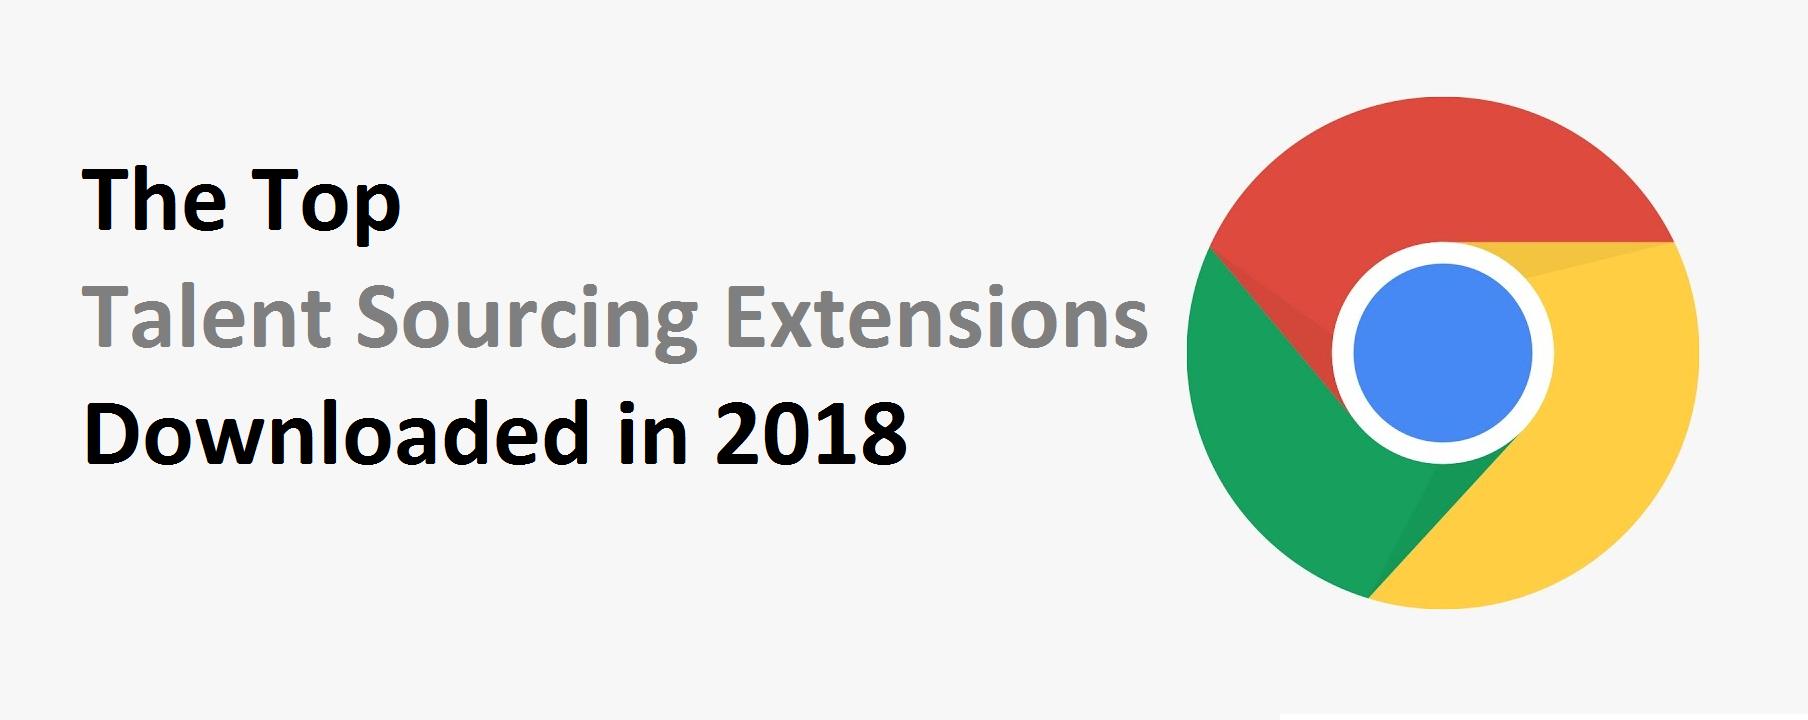 Top Talent Sourcing Extensions in 2018 - WizardSourcer